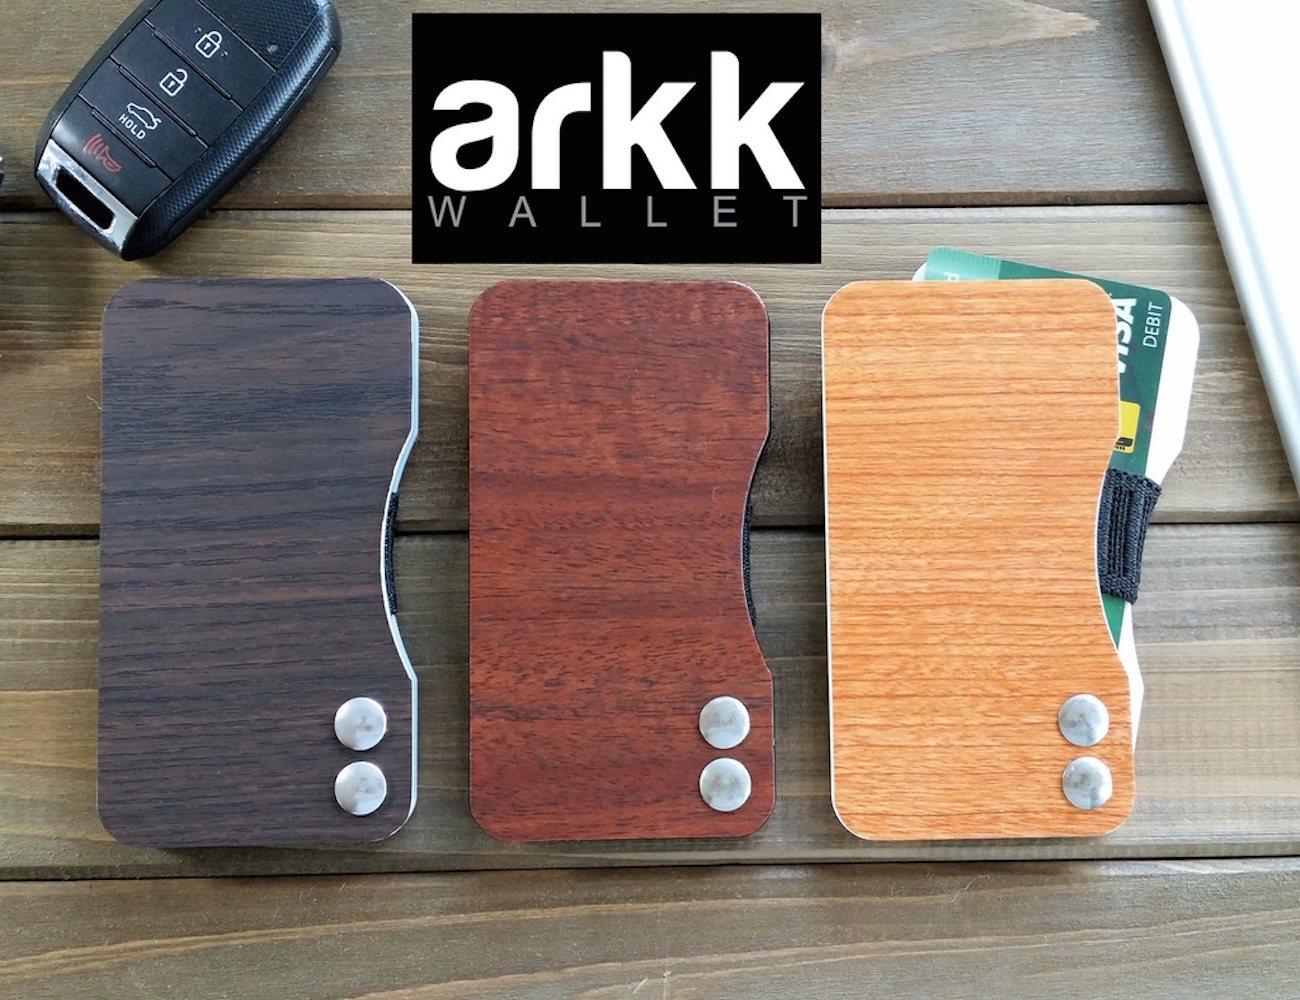 Arkk Wallet – The Sleekest RFID Blocking Minimalist Wallet in The World